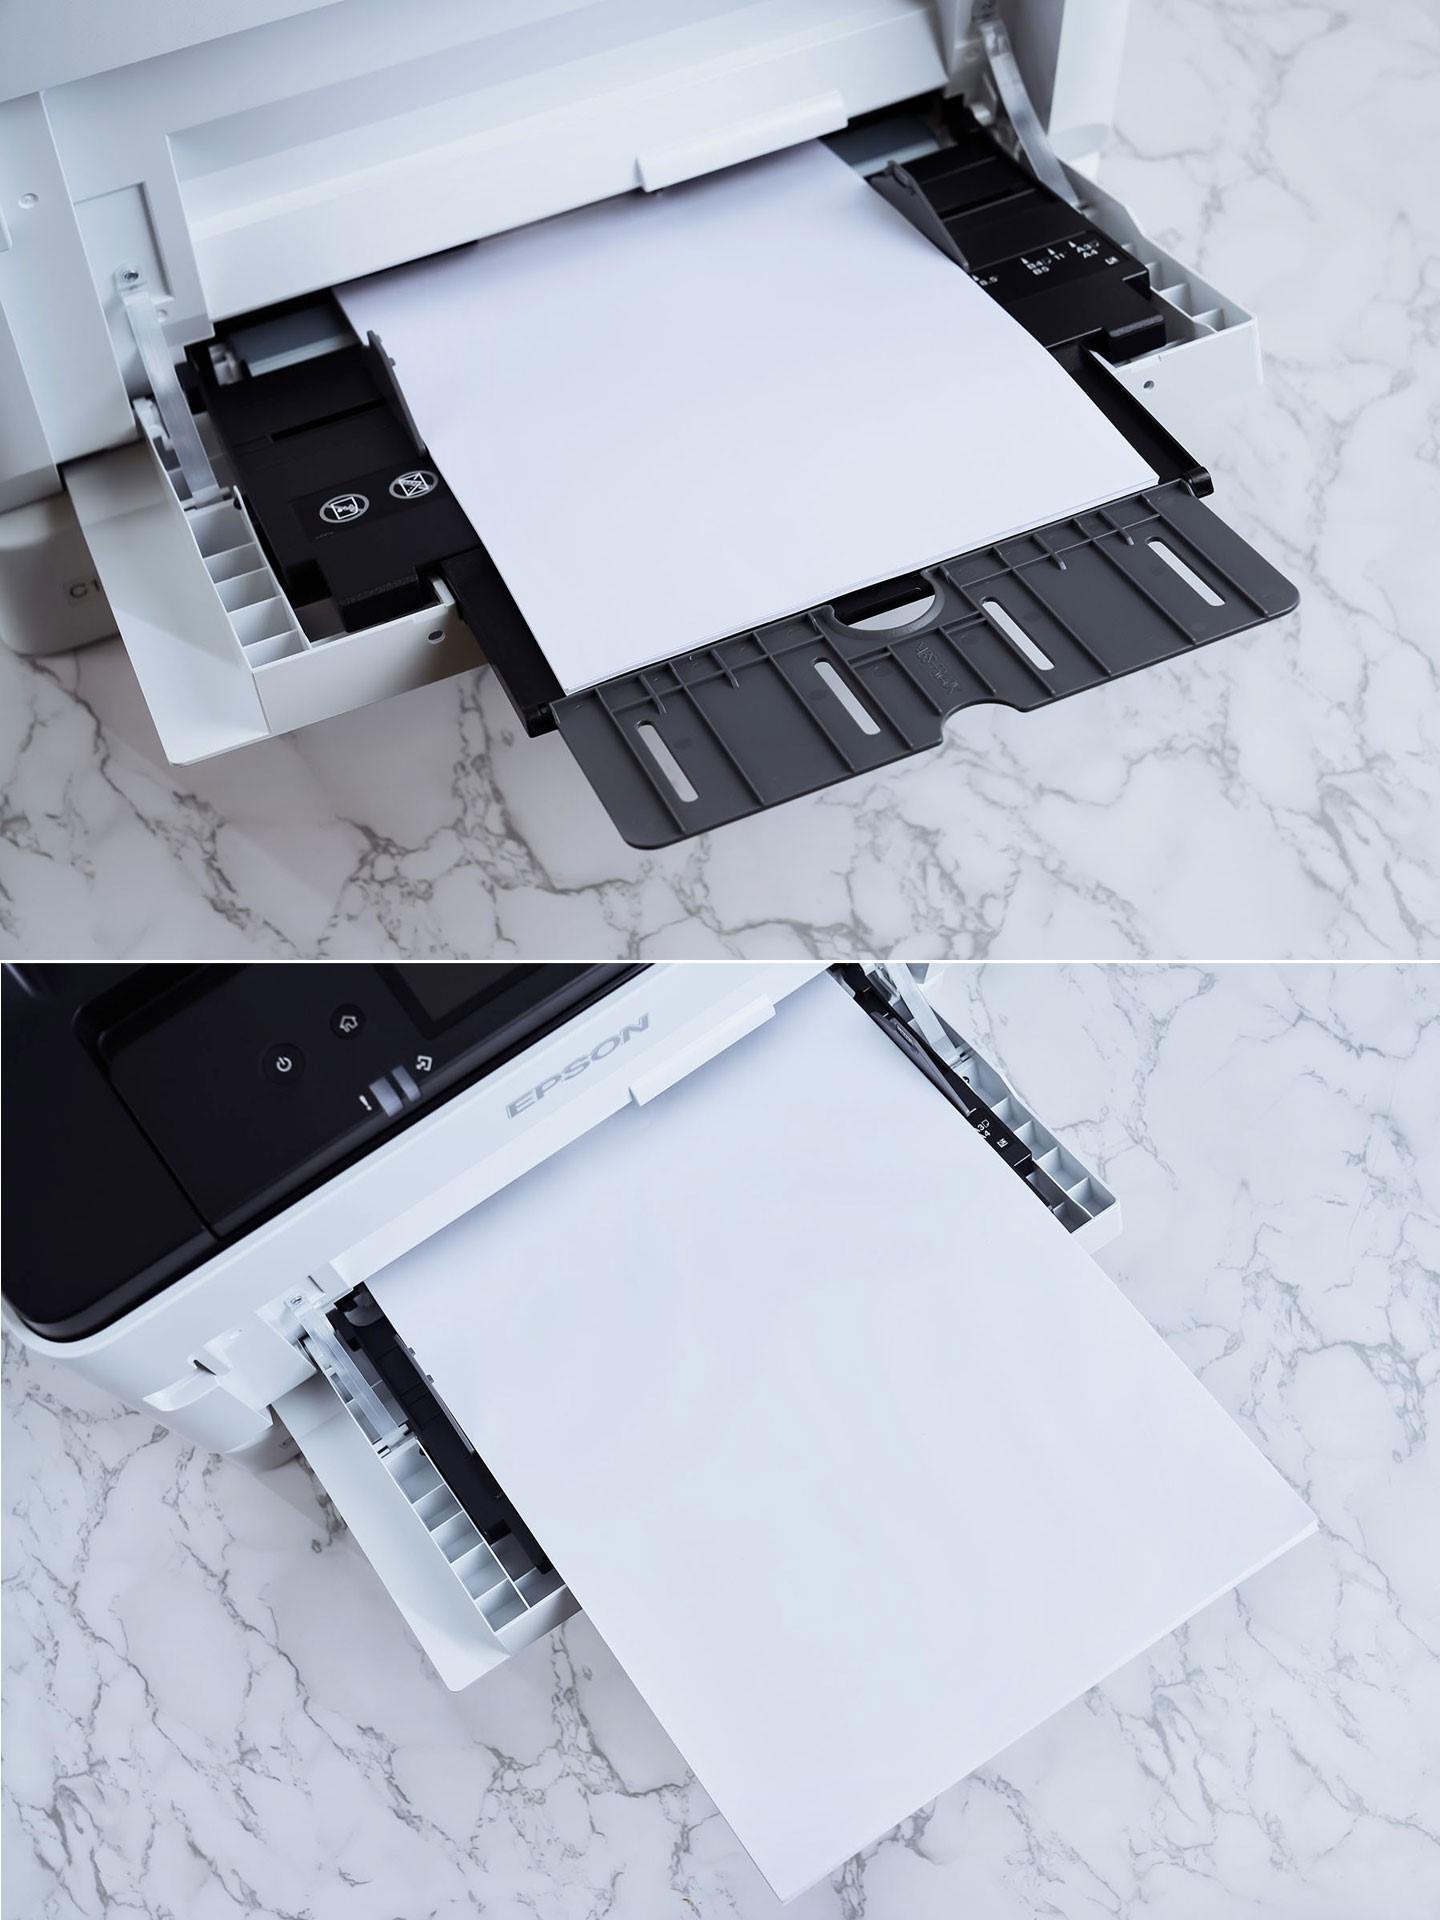 藉由進紙匣上的可調式夾具可裝載不同尺寸的紙張(圖上為 A4 尺寸、圖下為 A3 尺寸),同時也能透過此處放入磅數較高或材質特殊的紙材(例如美術紙、厚紙卡)進行列印。